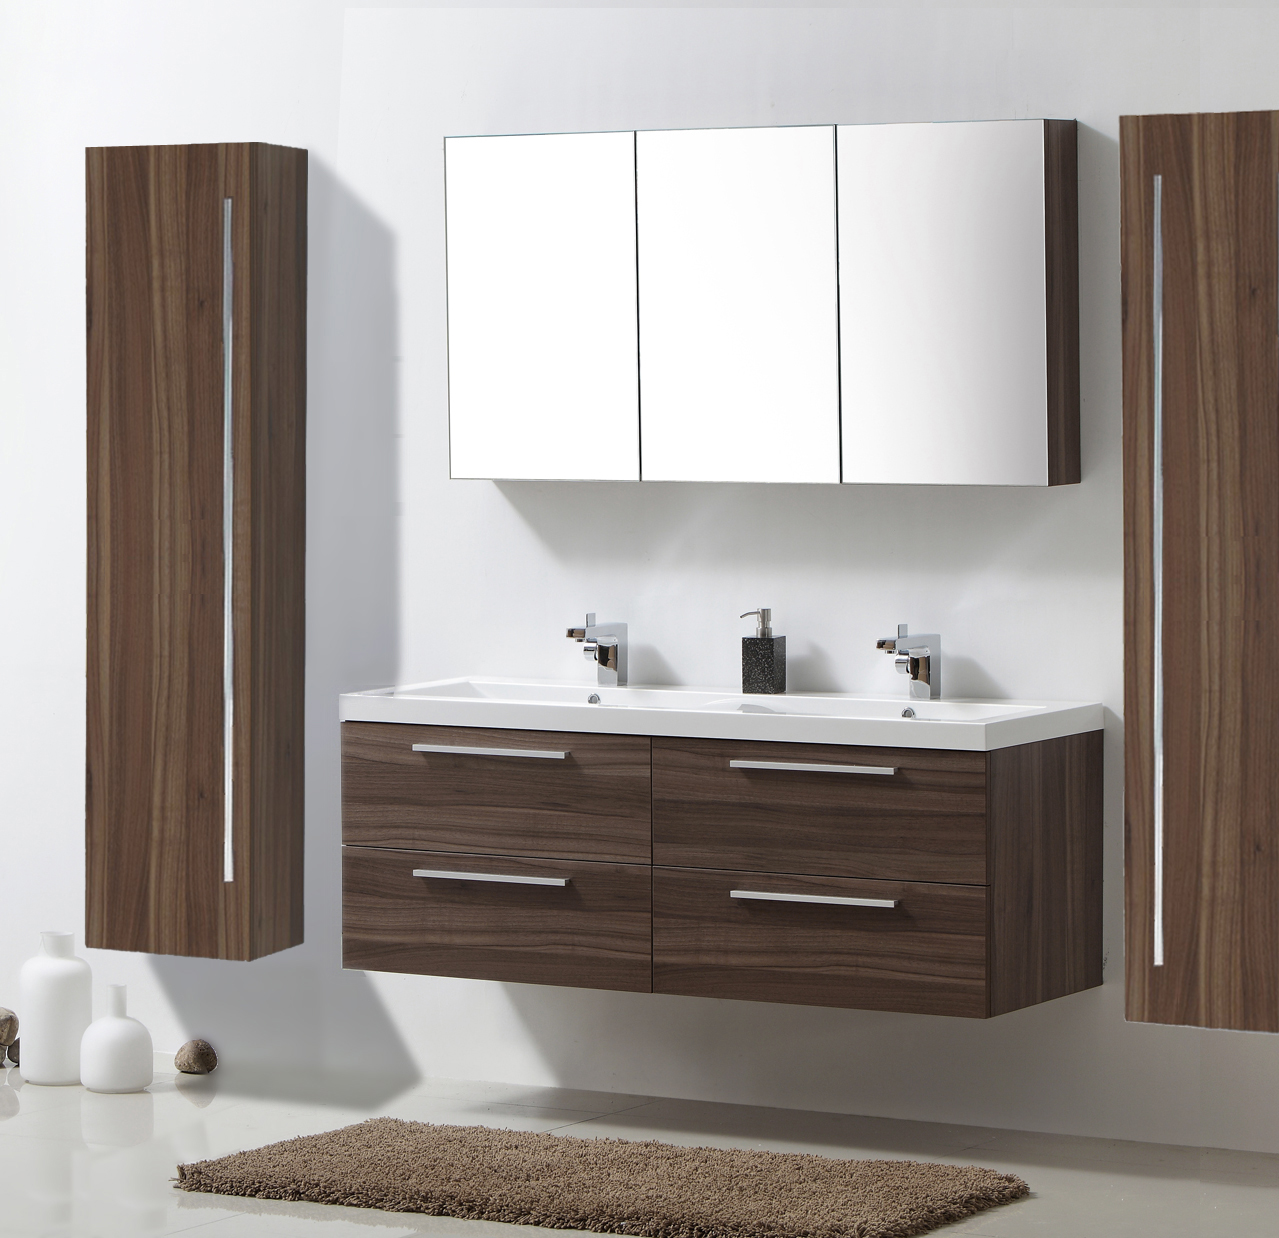 Doppelwaschbecken mit unterschrank und spiegelschrank  Doppelwaschbecken Mit Unterschrank Und Spiegelschrank | gispatcher.com